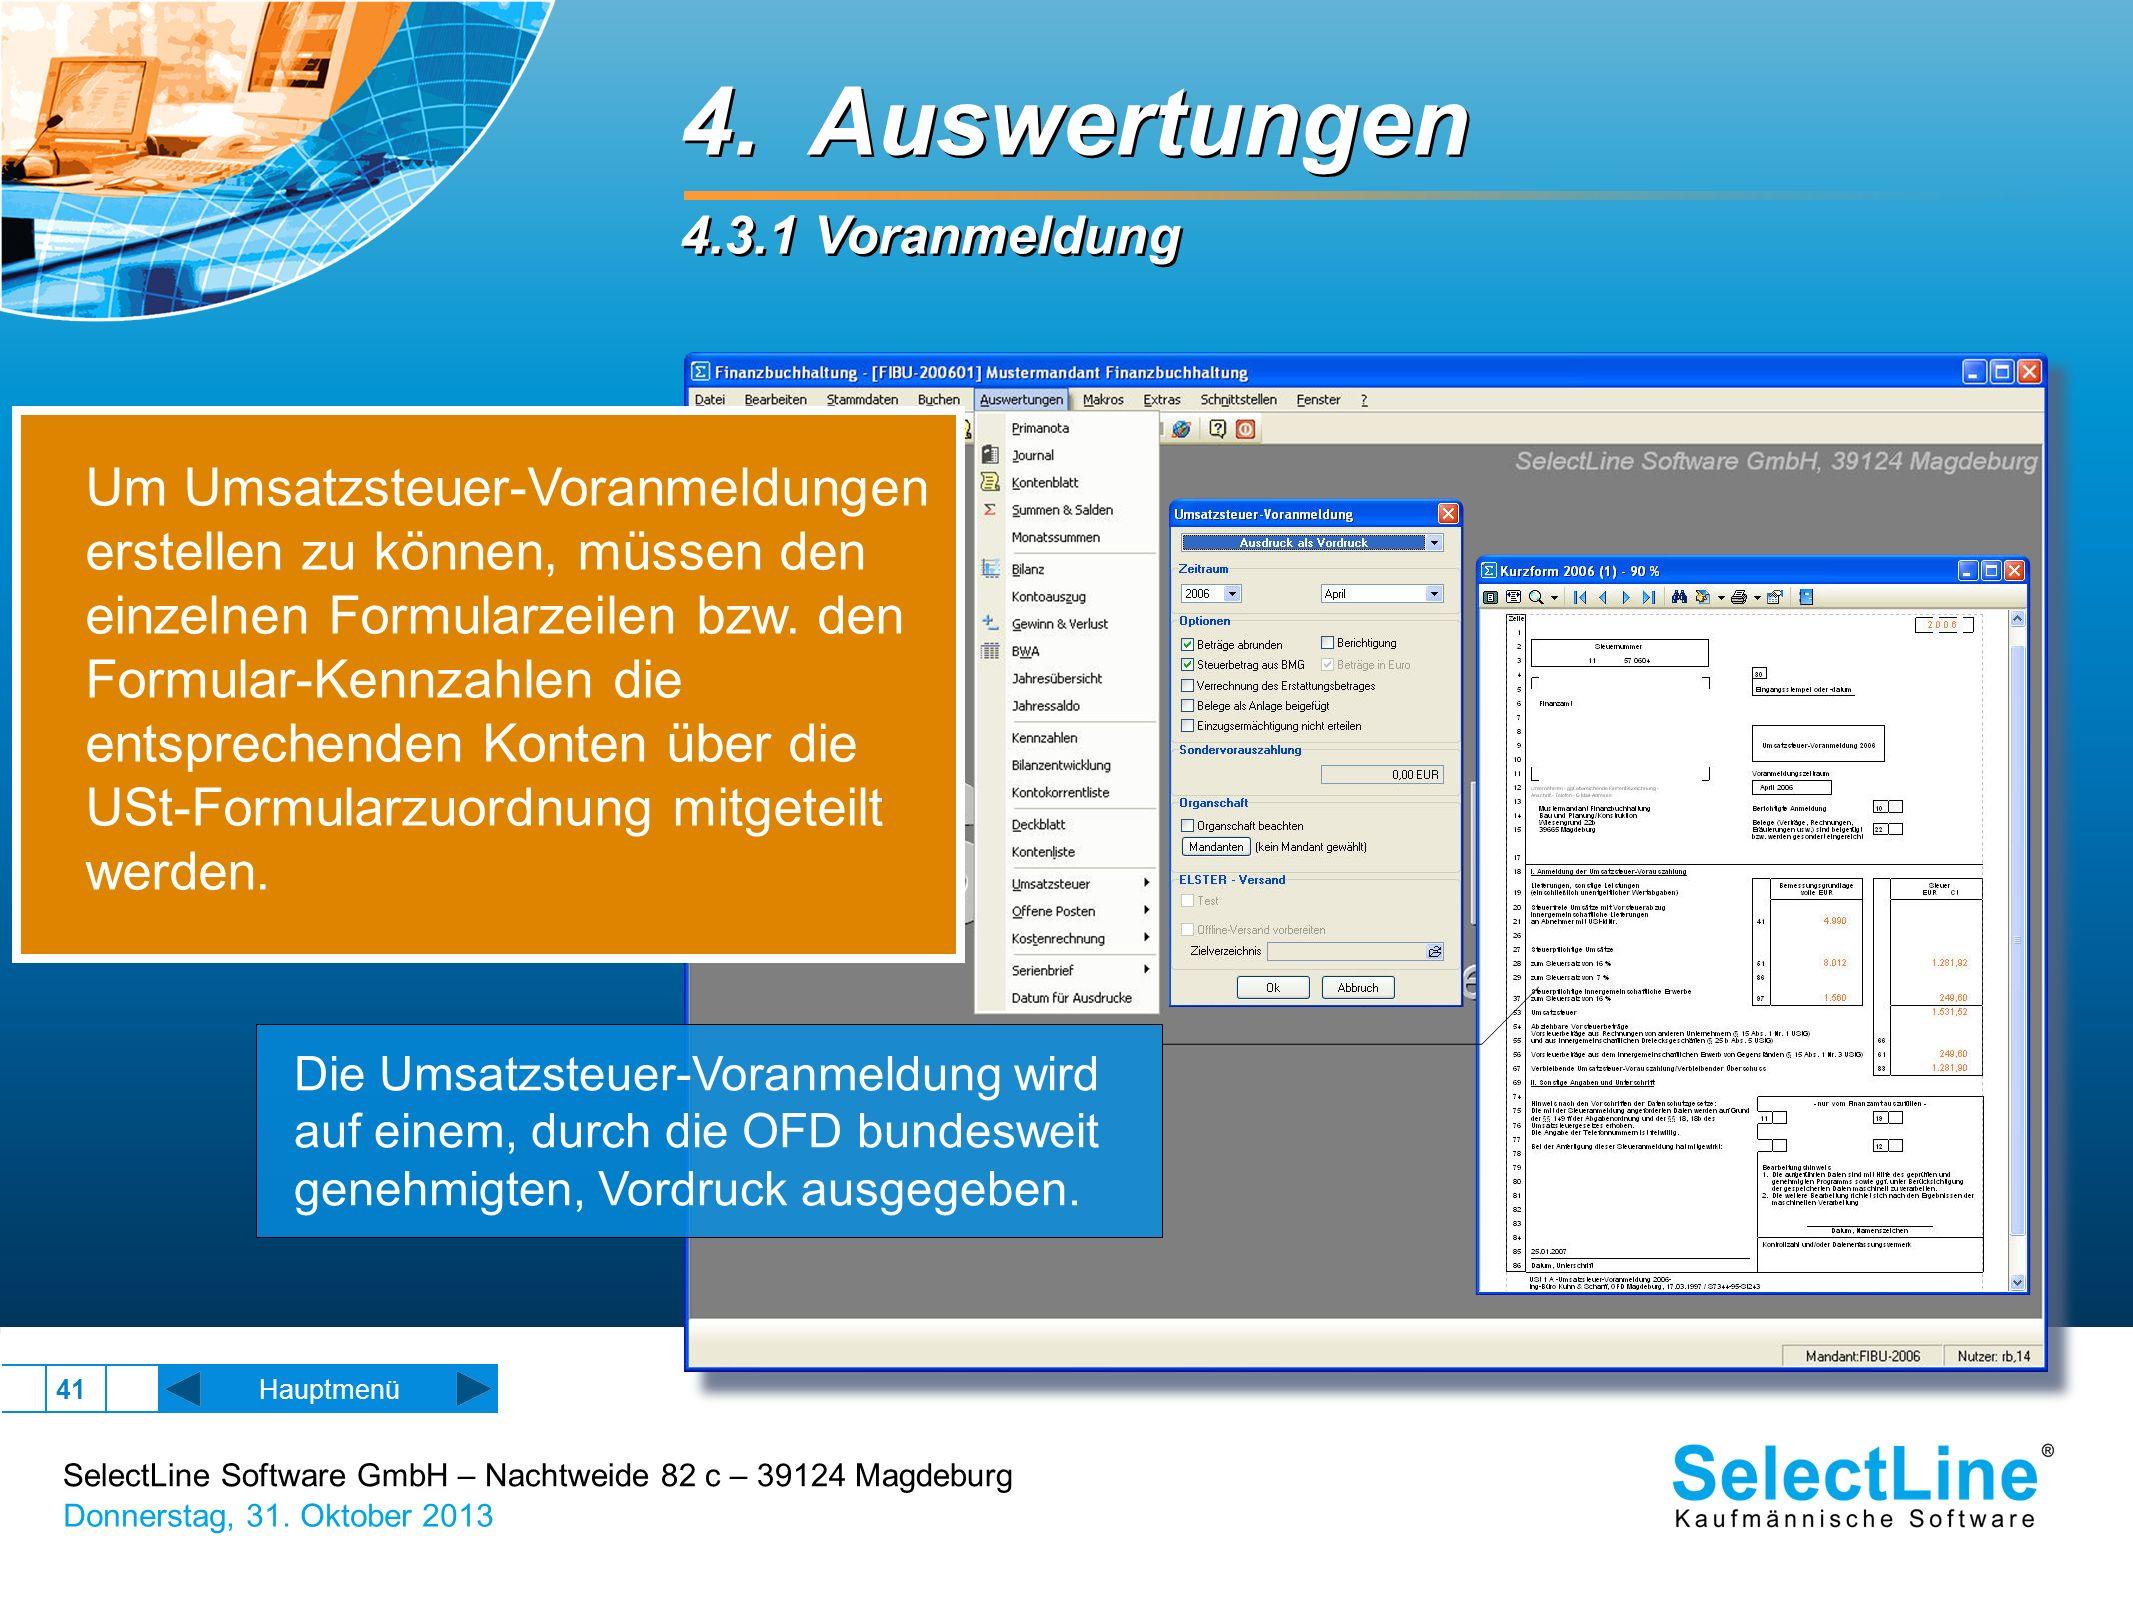 SelectLine Software GmbH – Nachtweide 82 c – 39124 Magdeburg Donnerstag, 31. Oktober 2013 41 Hauptmenü 4. Auswertungen 4.3.1 Voranmeldung 4. Auswertun